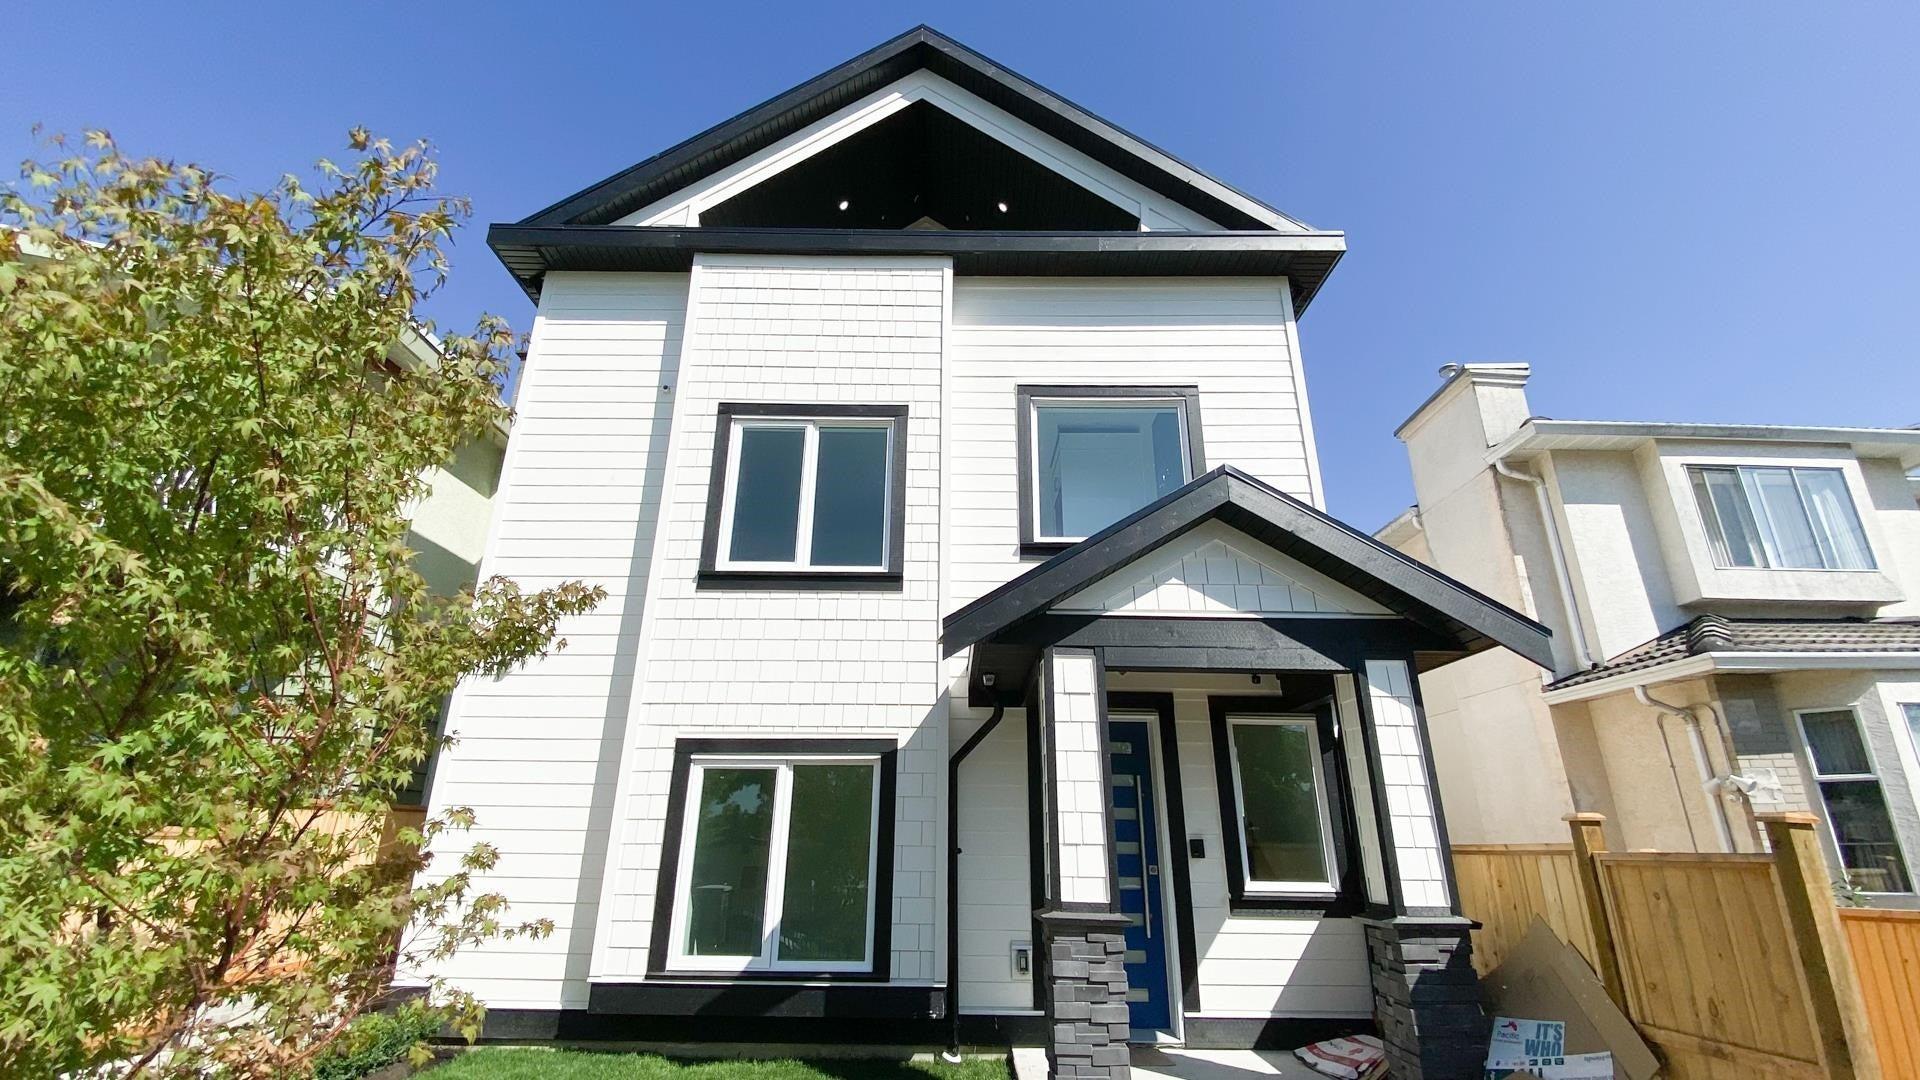 3283 E 7TH AVENUE - Renfrew VE 1/2 Duplex for sale, 3 Bedrooms (R2611163) - #1